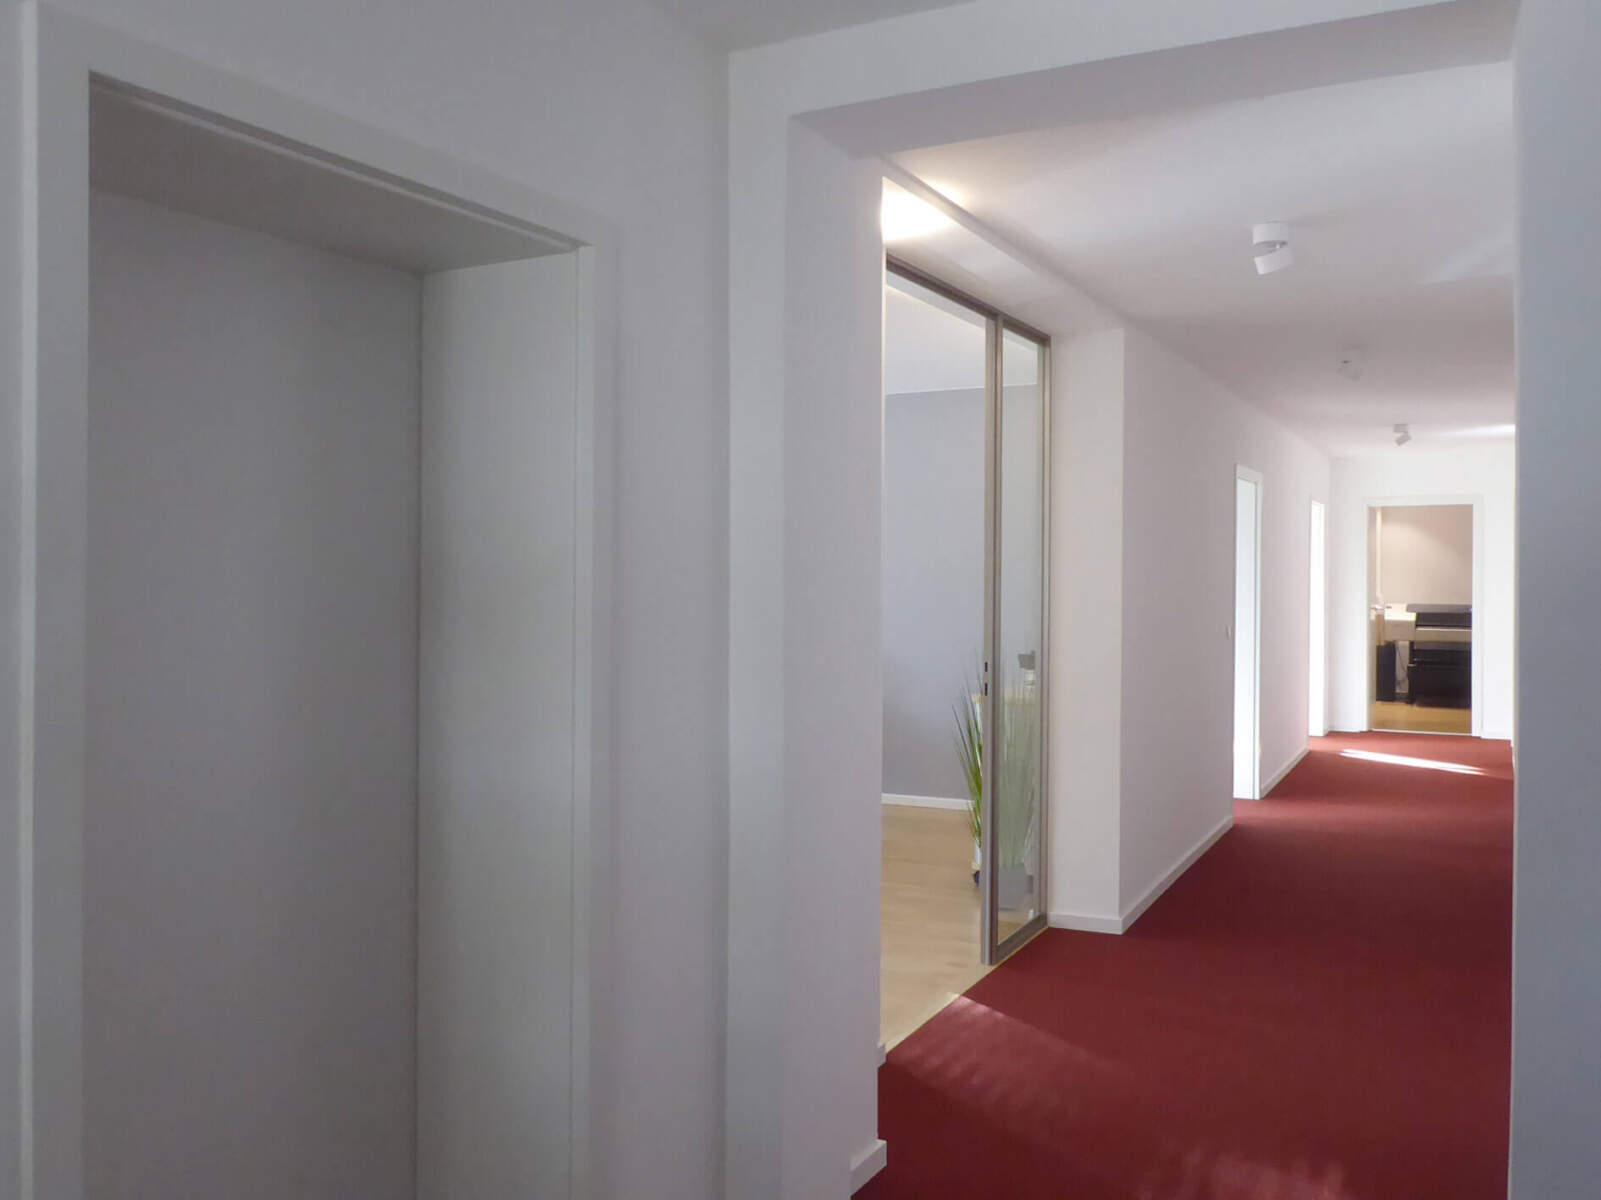 Büro in München (Ludwigsvorstadt) / Flur nach Umbau